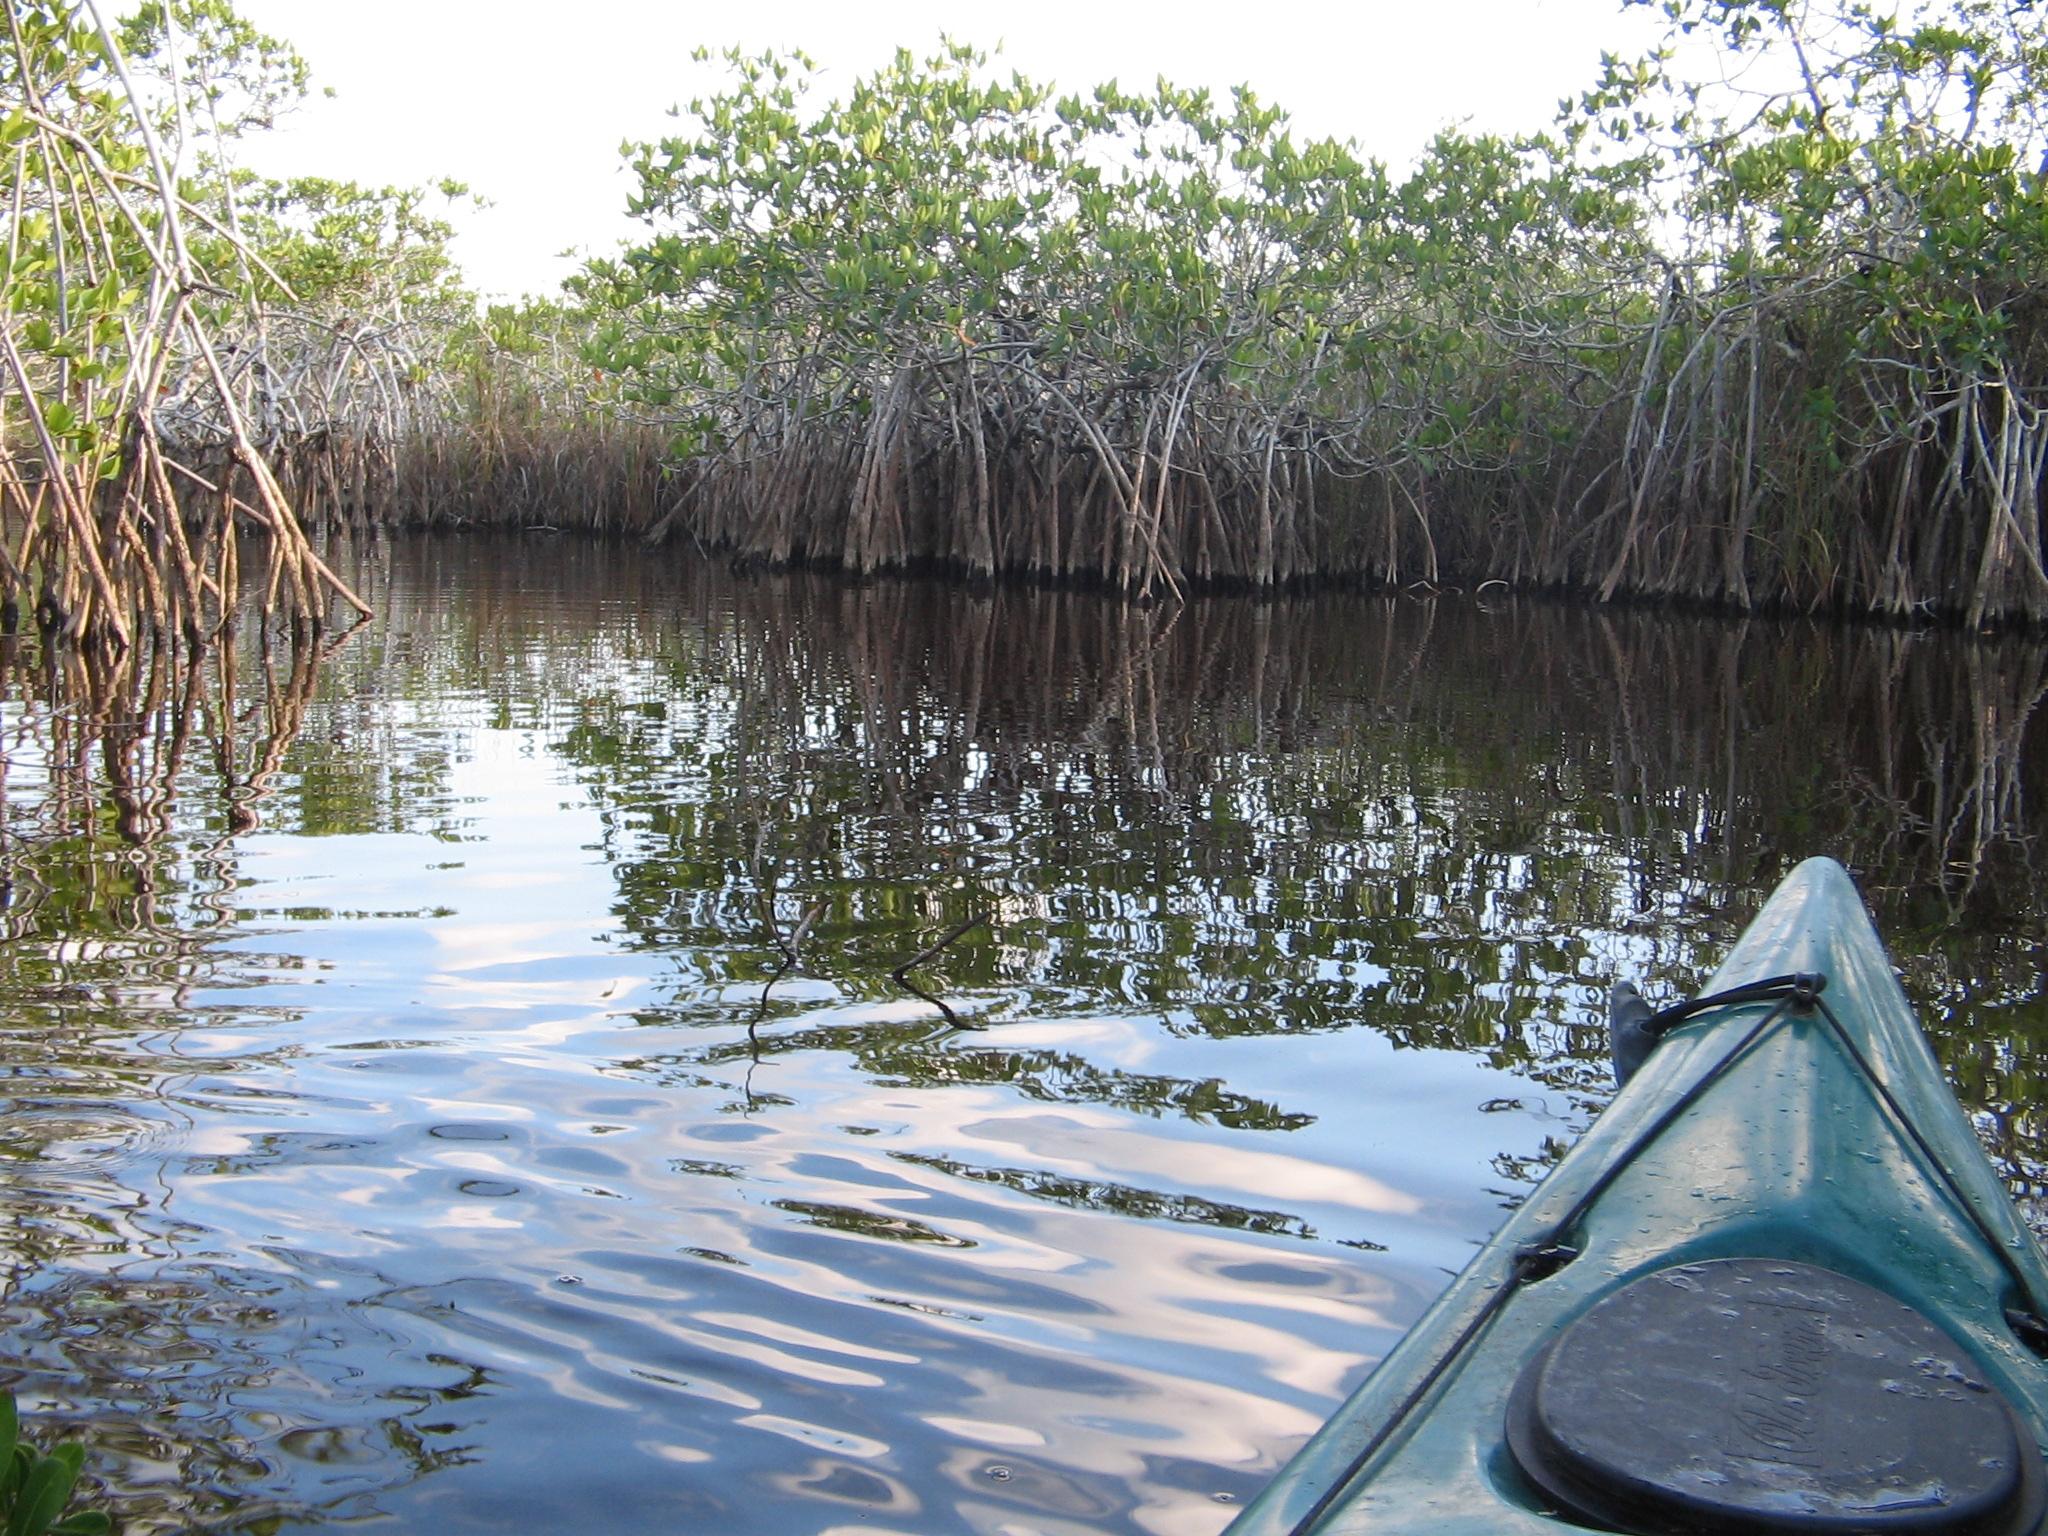 file noble hammock canoe trail  1  npsphoto  9099279043  jpg file noble hammock canoe trail  1  npsphoto  9099279043  jpg      rh    mons wikimedia org